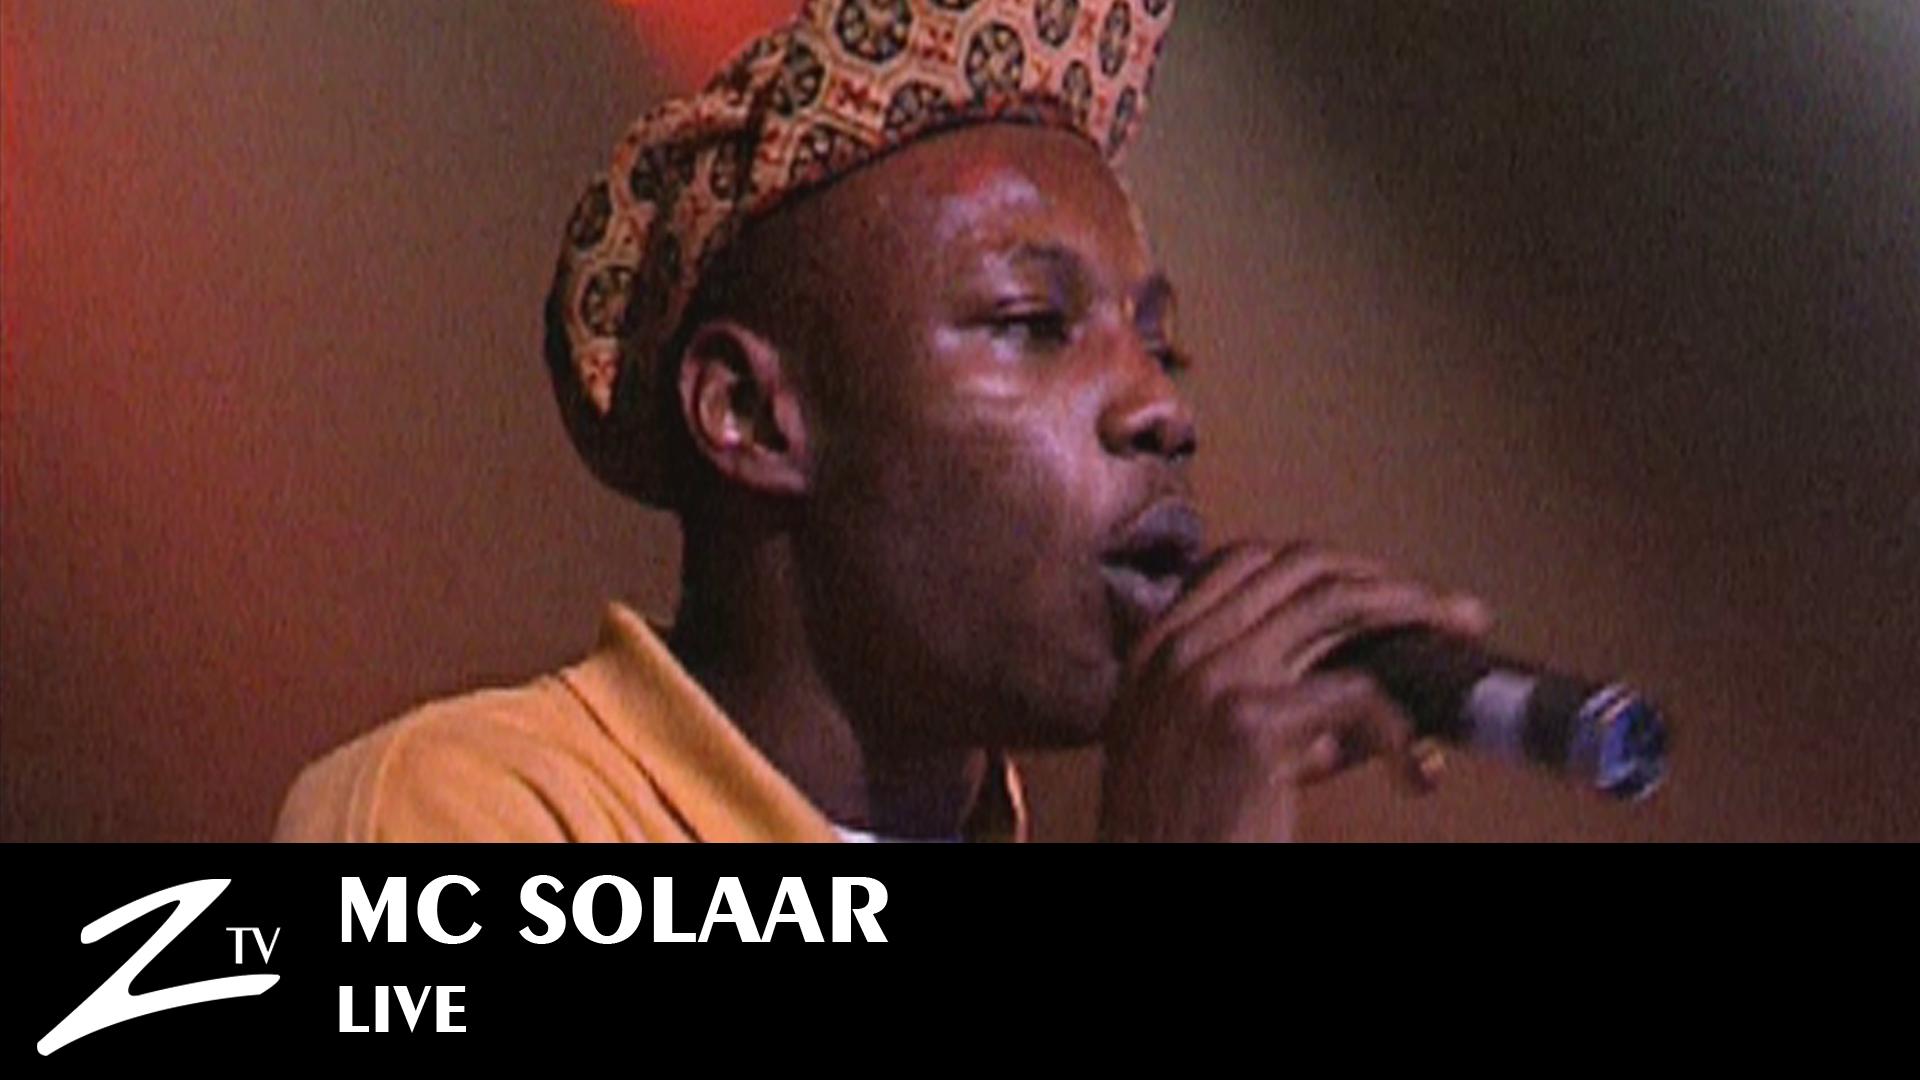 Vyoutube-MC-Solaar